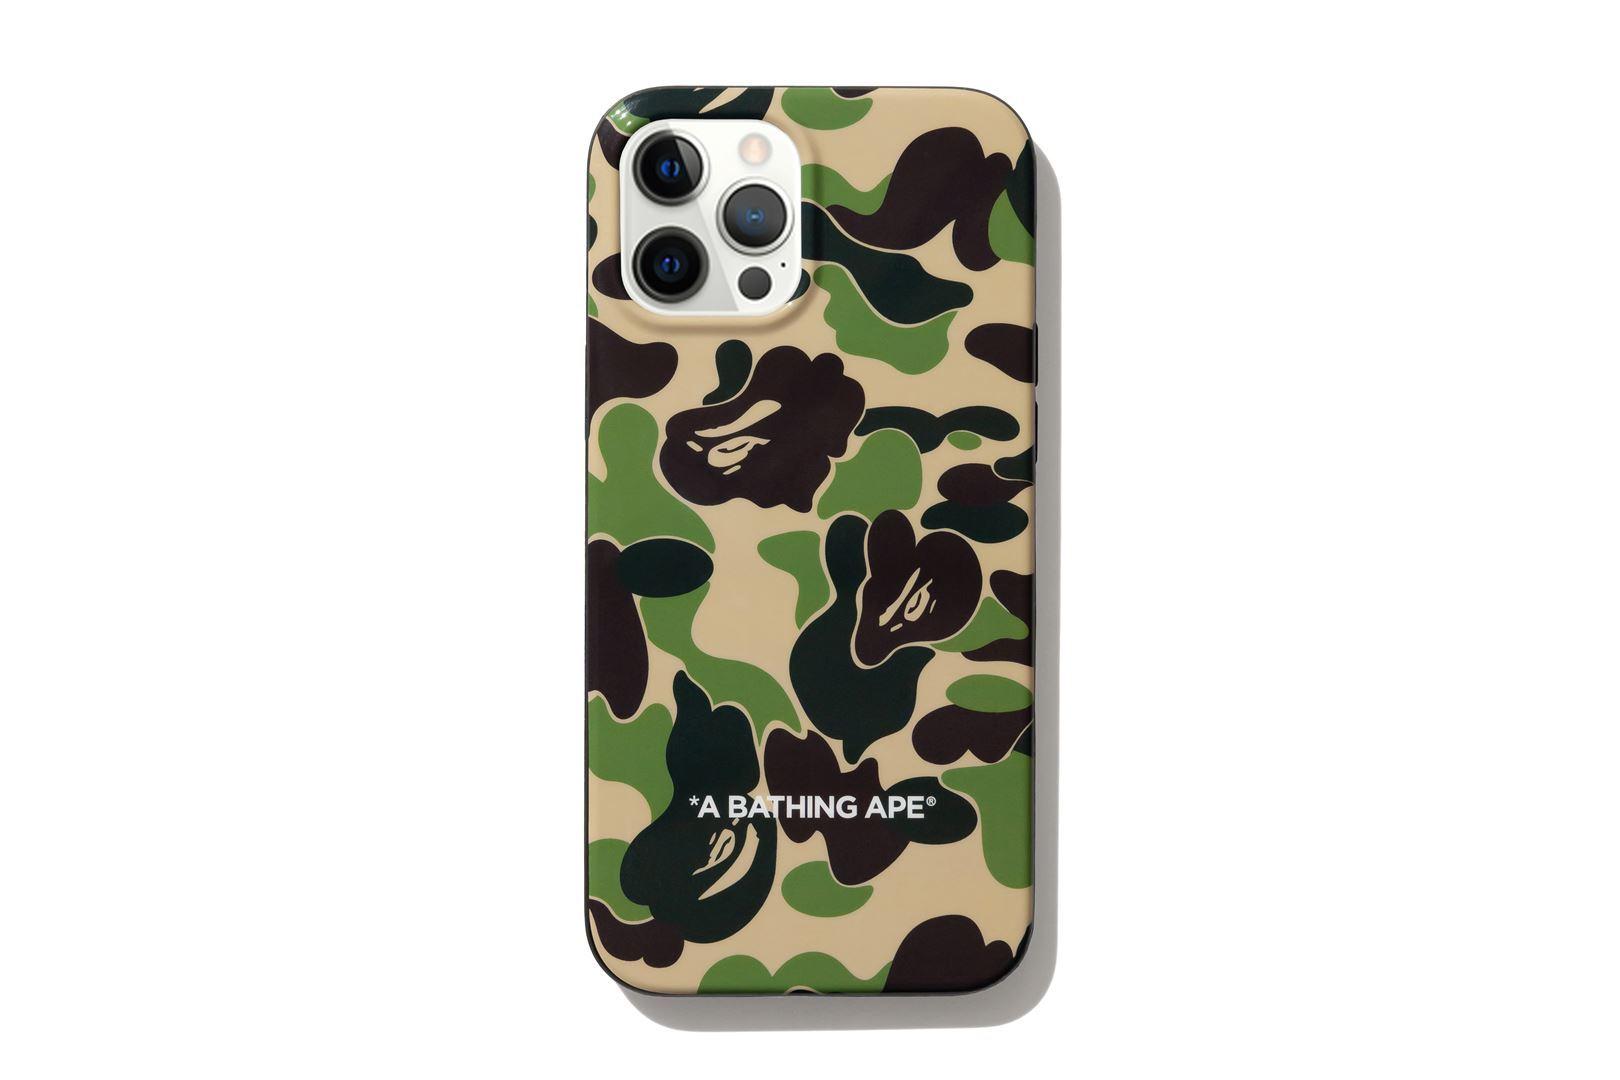 ABC CAMO iPhone 12 / 12 PRO / 12 PRO MAX / 12 MINI CASE_a0174495_12020163.jpg